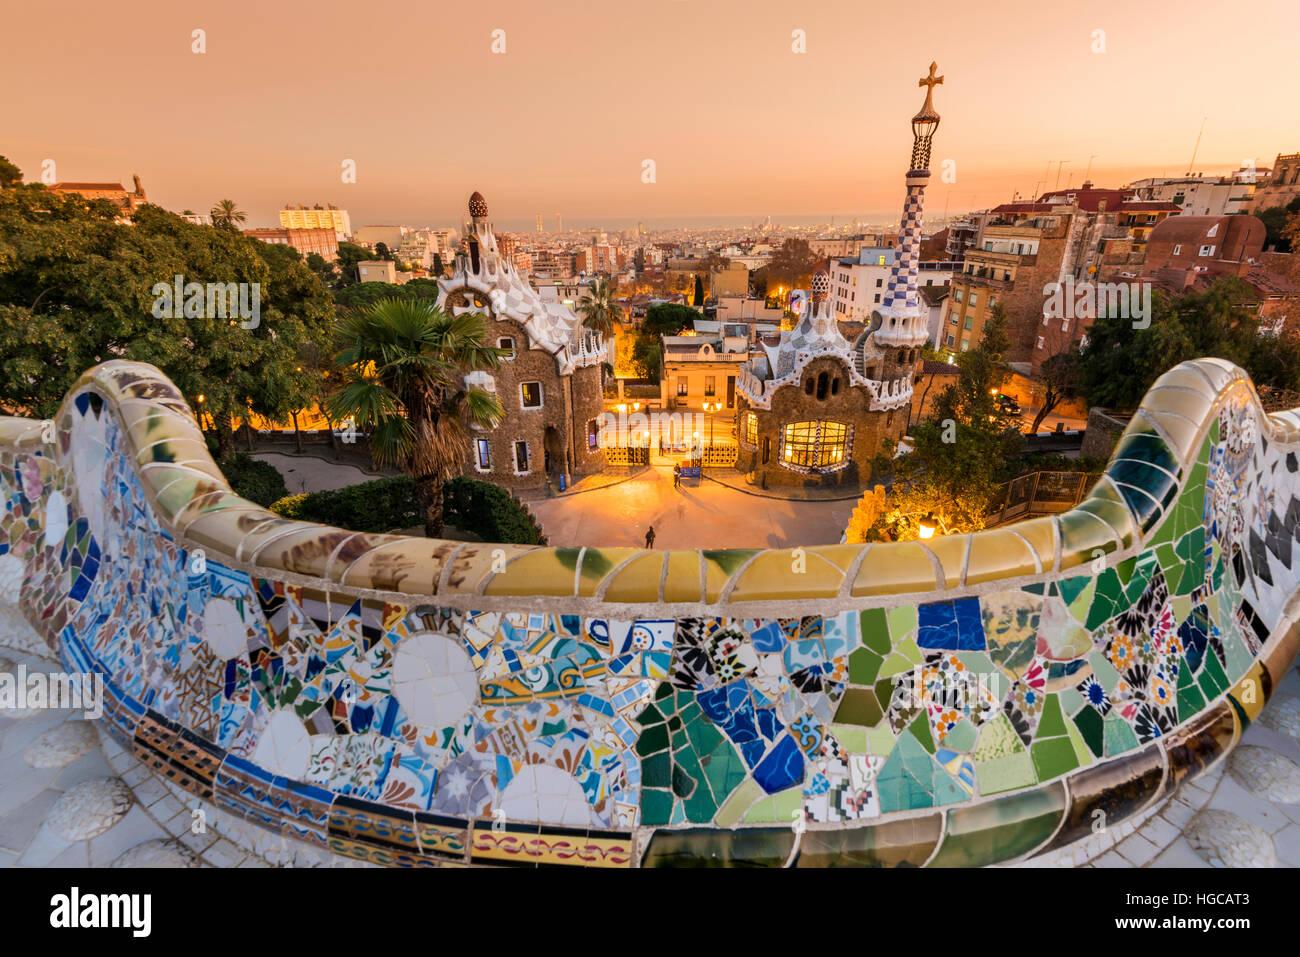 Parc Guell avec derrière les toits de la ville au coucher du soleil, Barcelone, Catalogne, Espagne Photo Stock